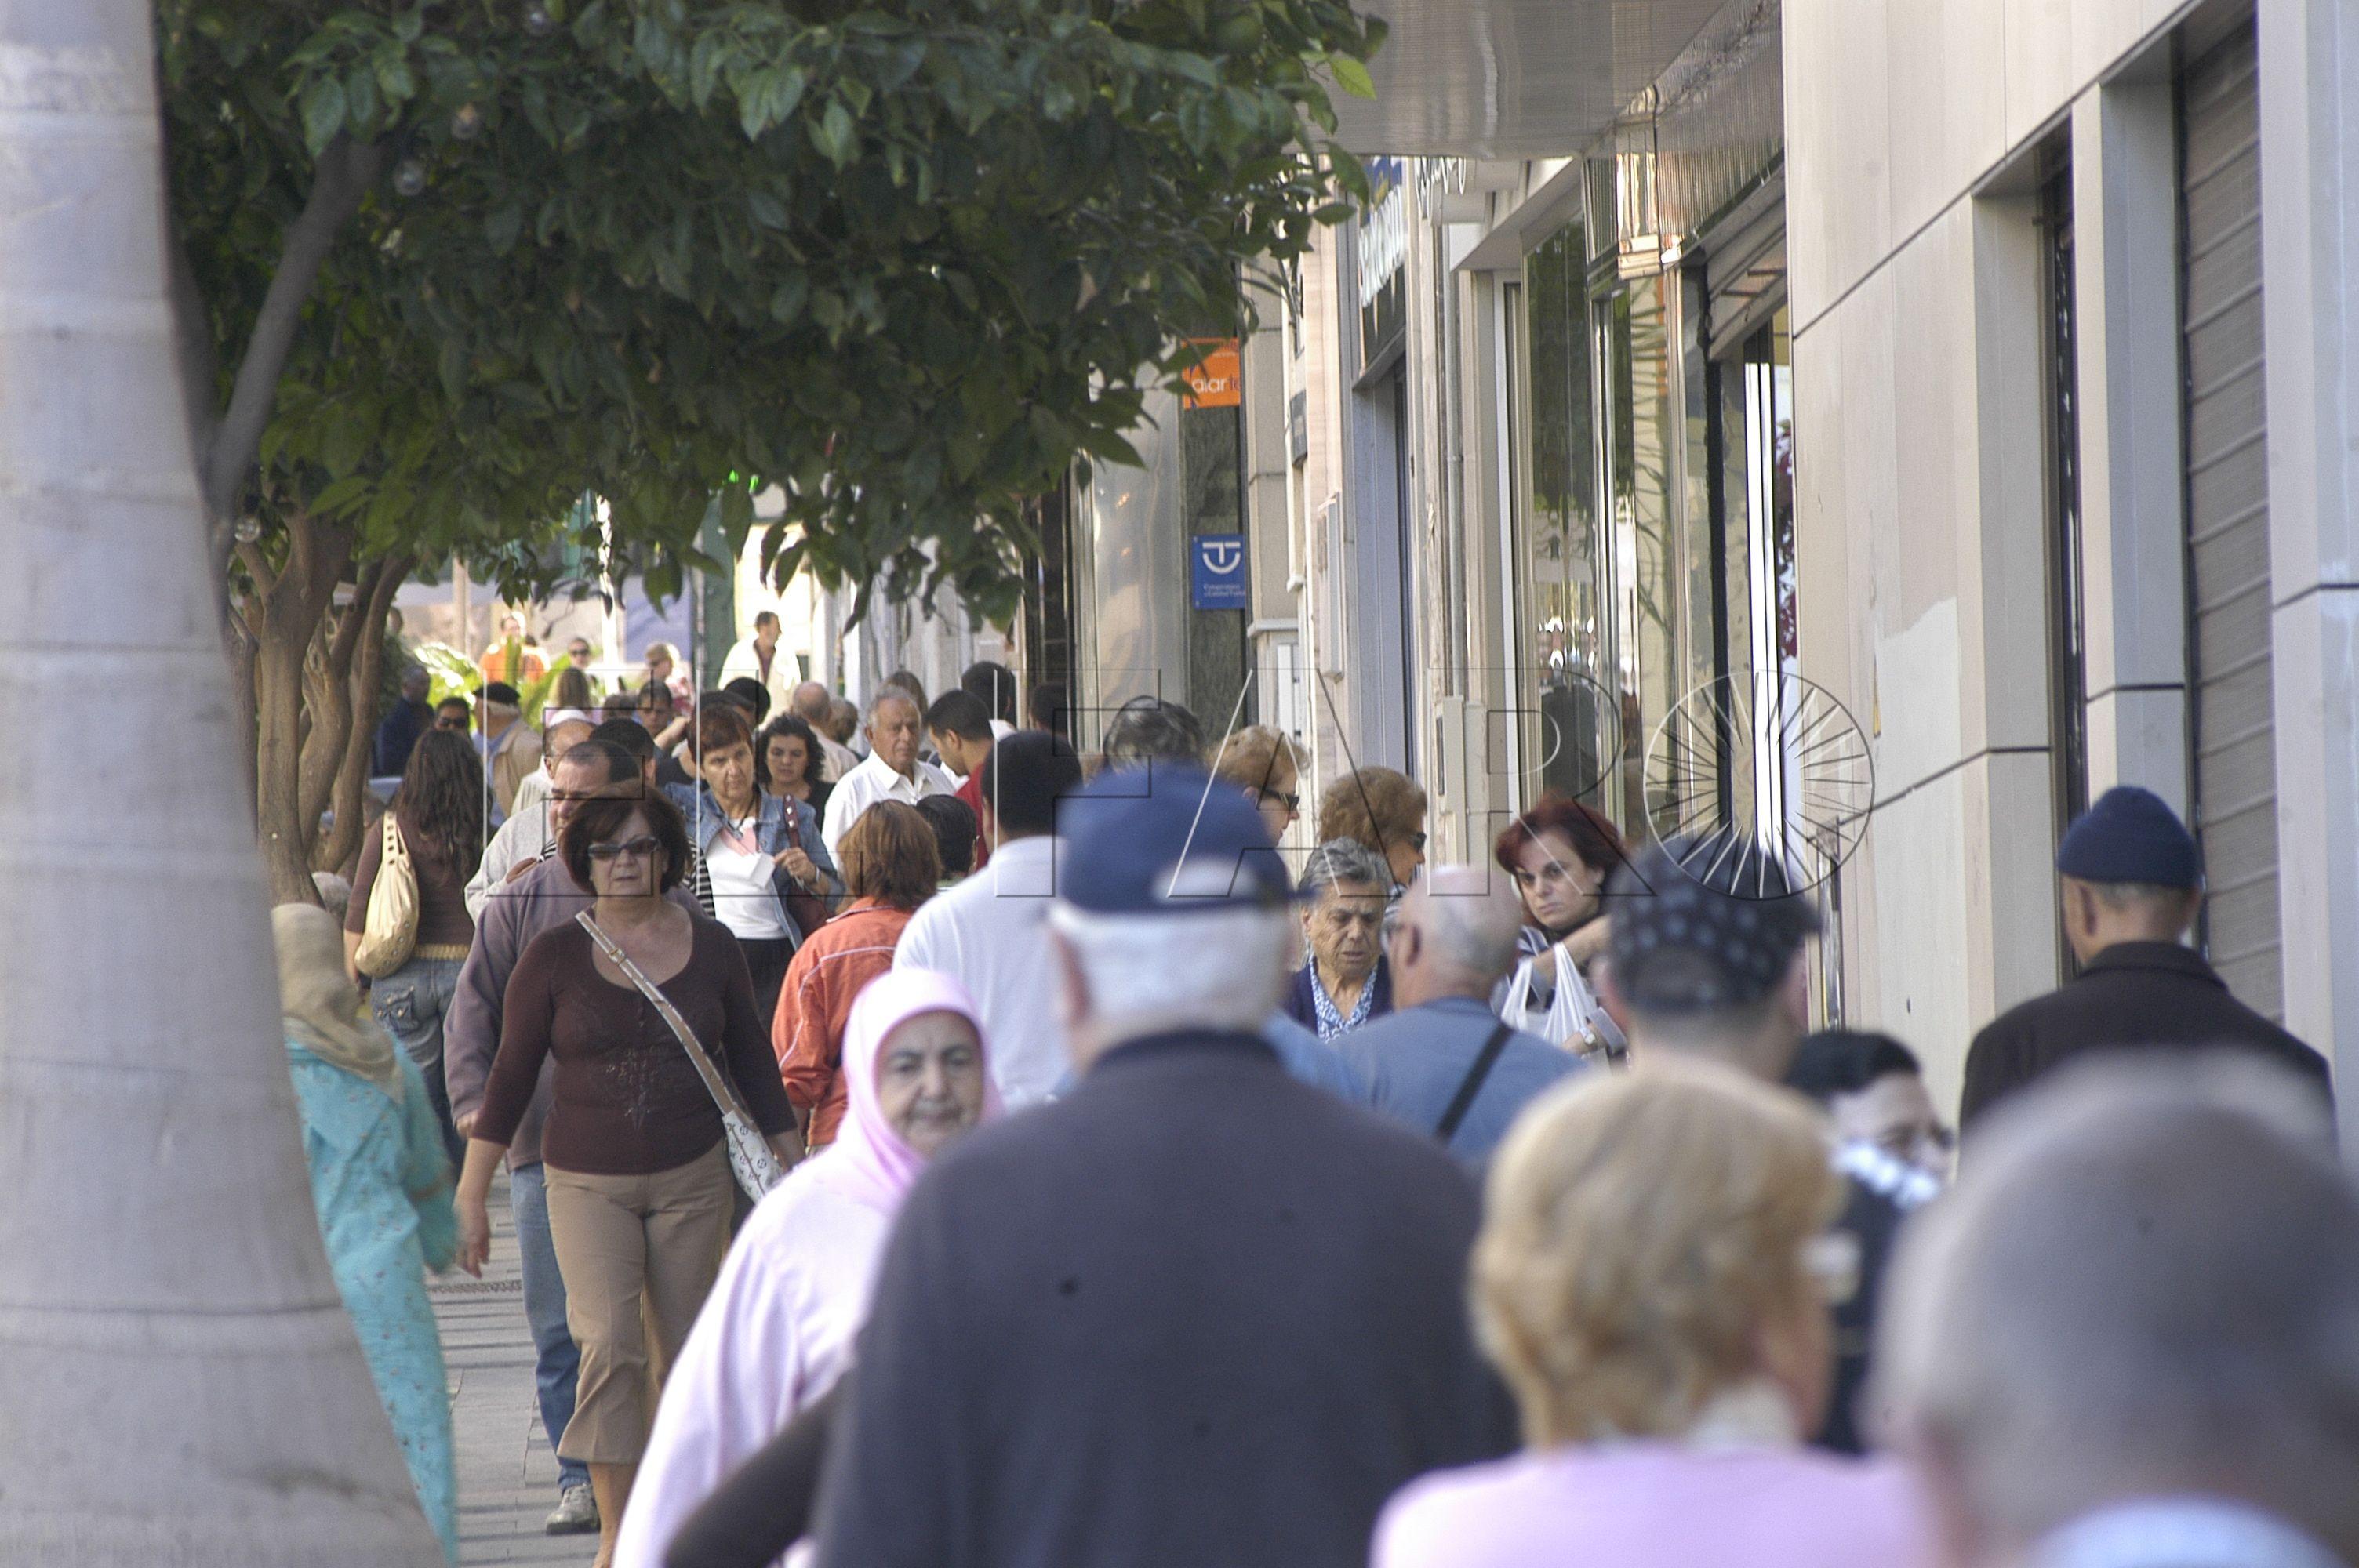 e2b2bf4e6f La pensión de viudedad en España aumentará a partir de agosto de 2018